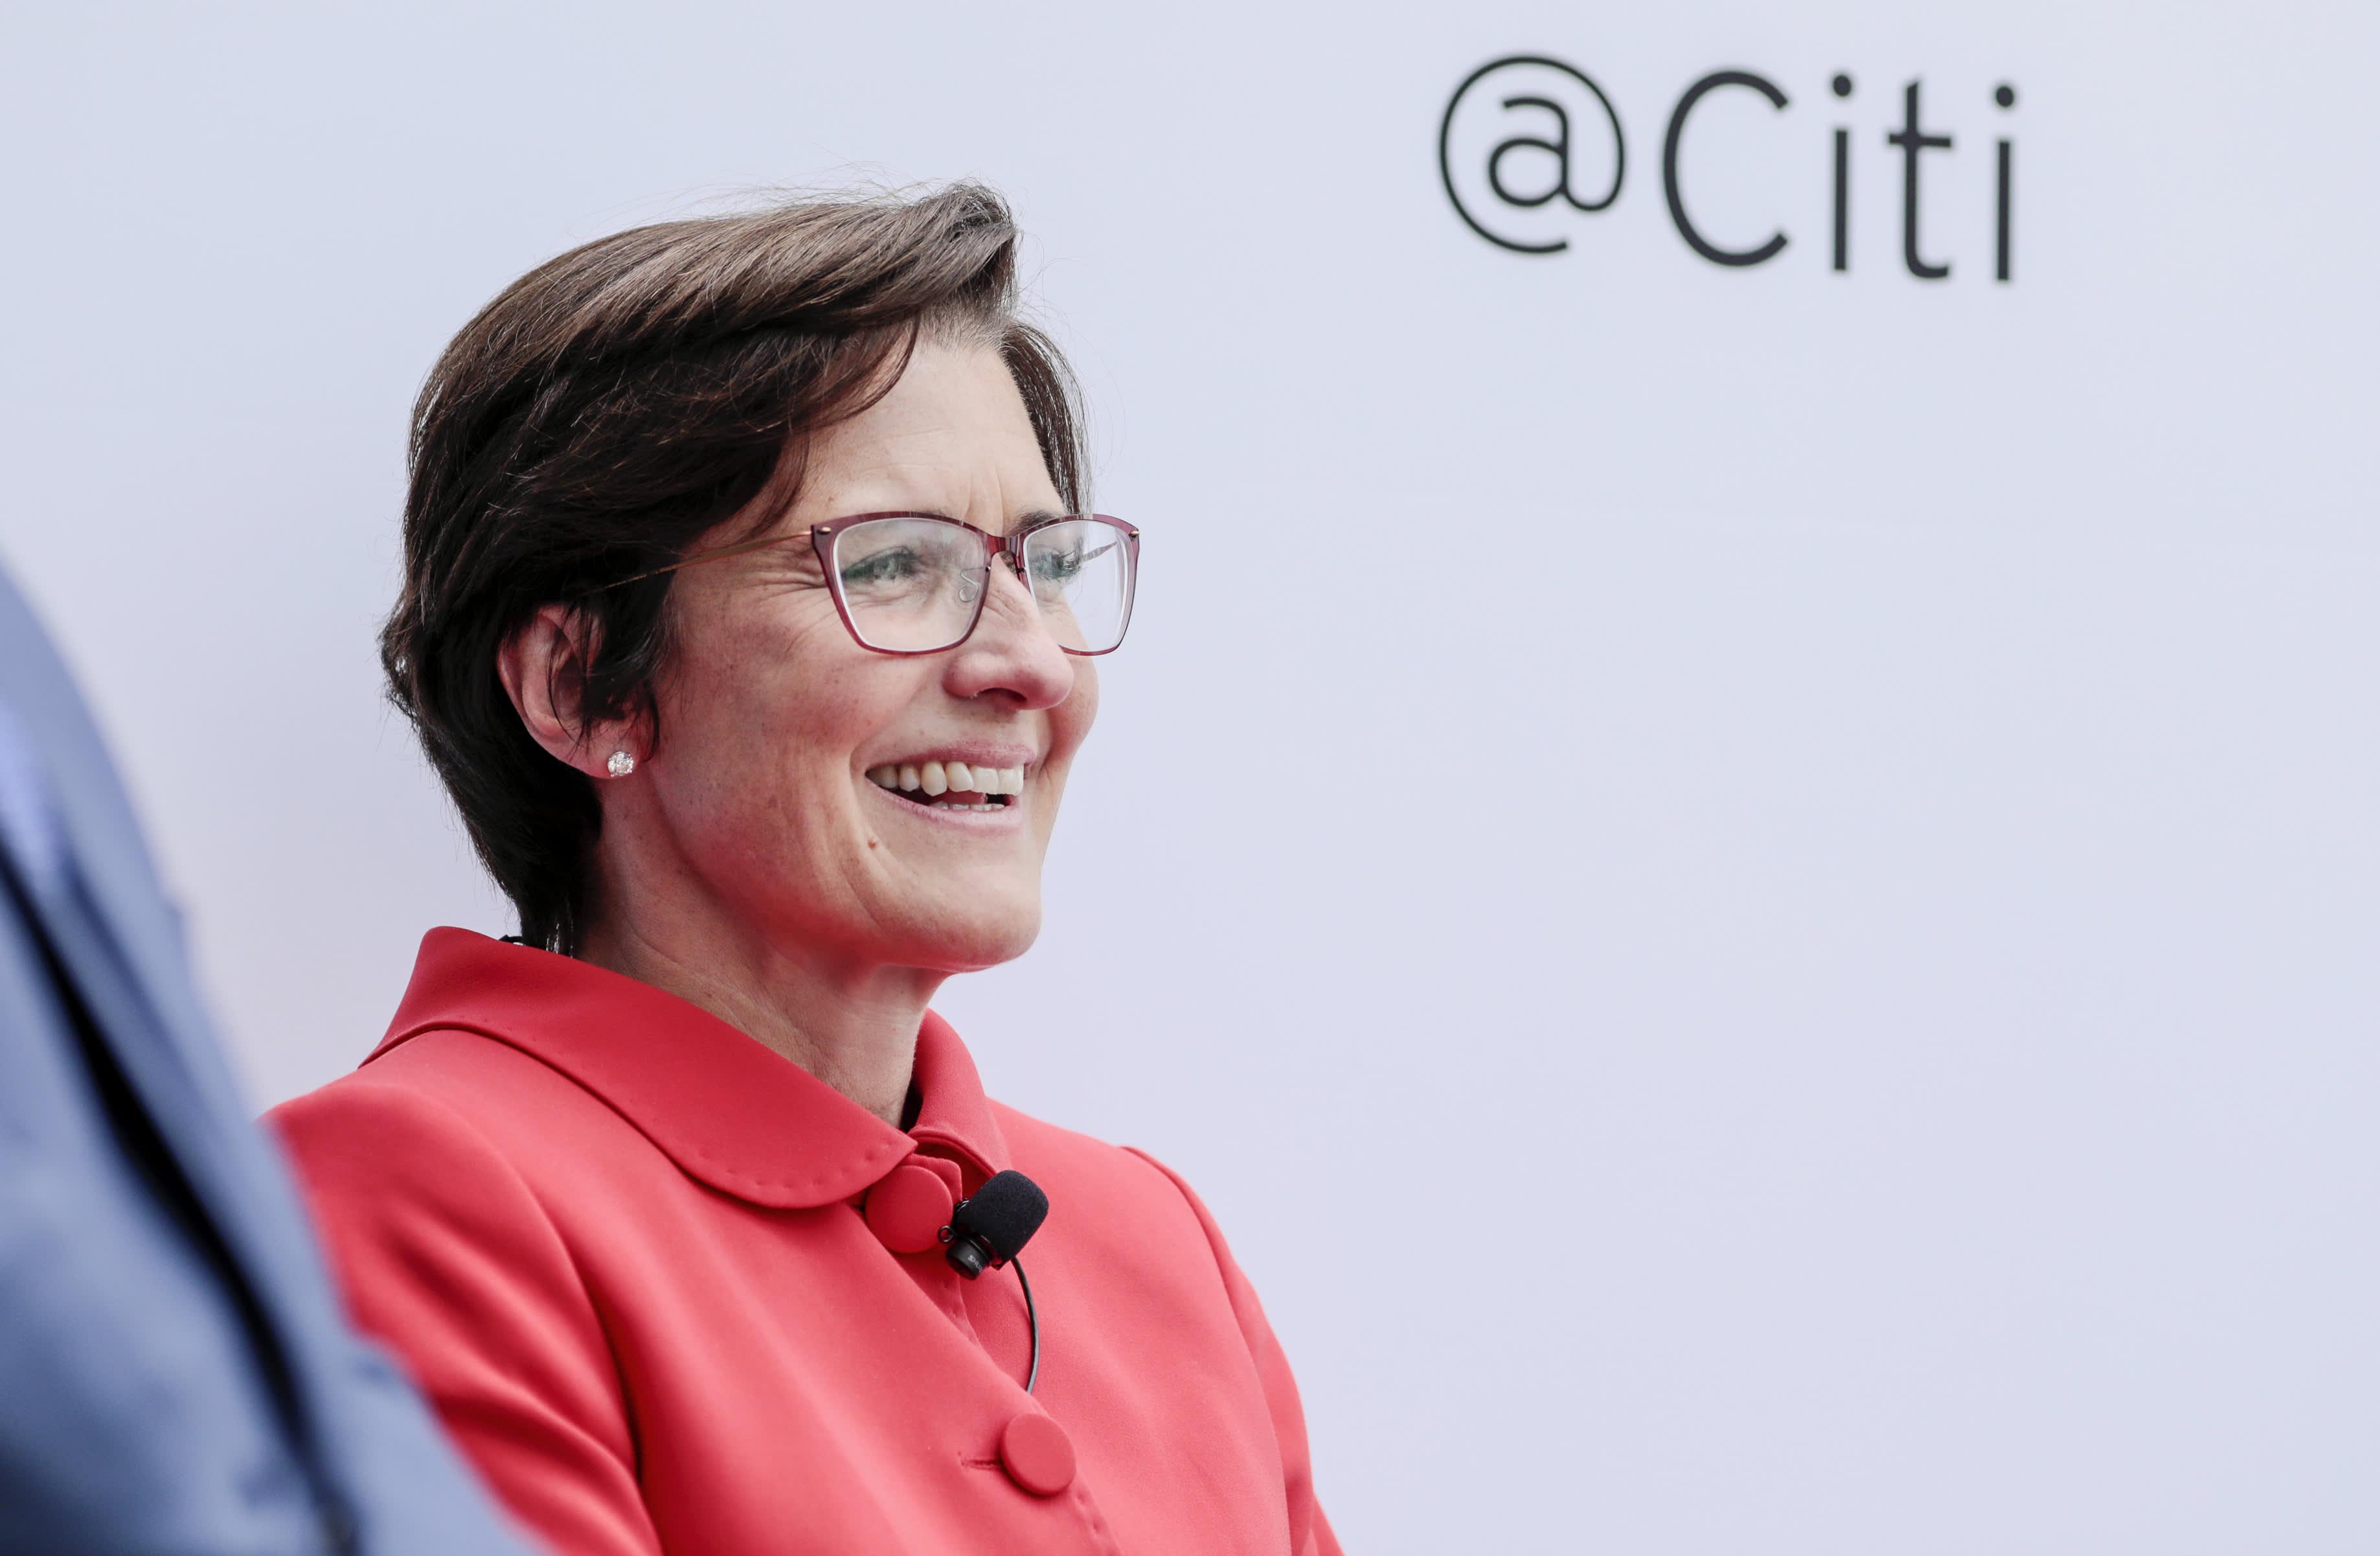 La directora ejecutiva de Citigroup, Jane Fraser, pide viernes sin zoom y nuevos feriados bancarios a medida que aumenta la fatiga pandémica